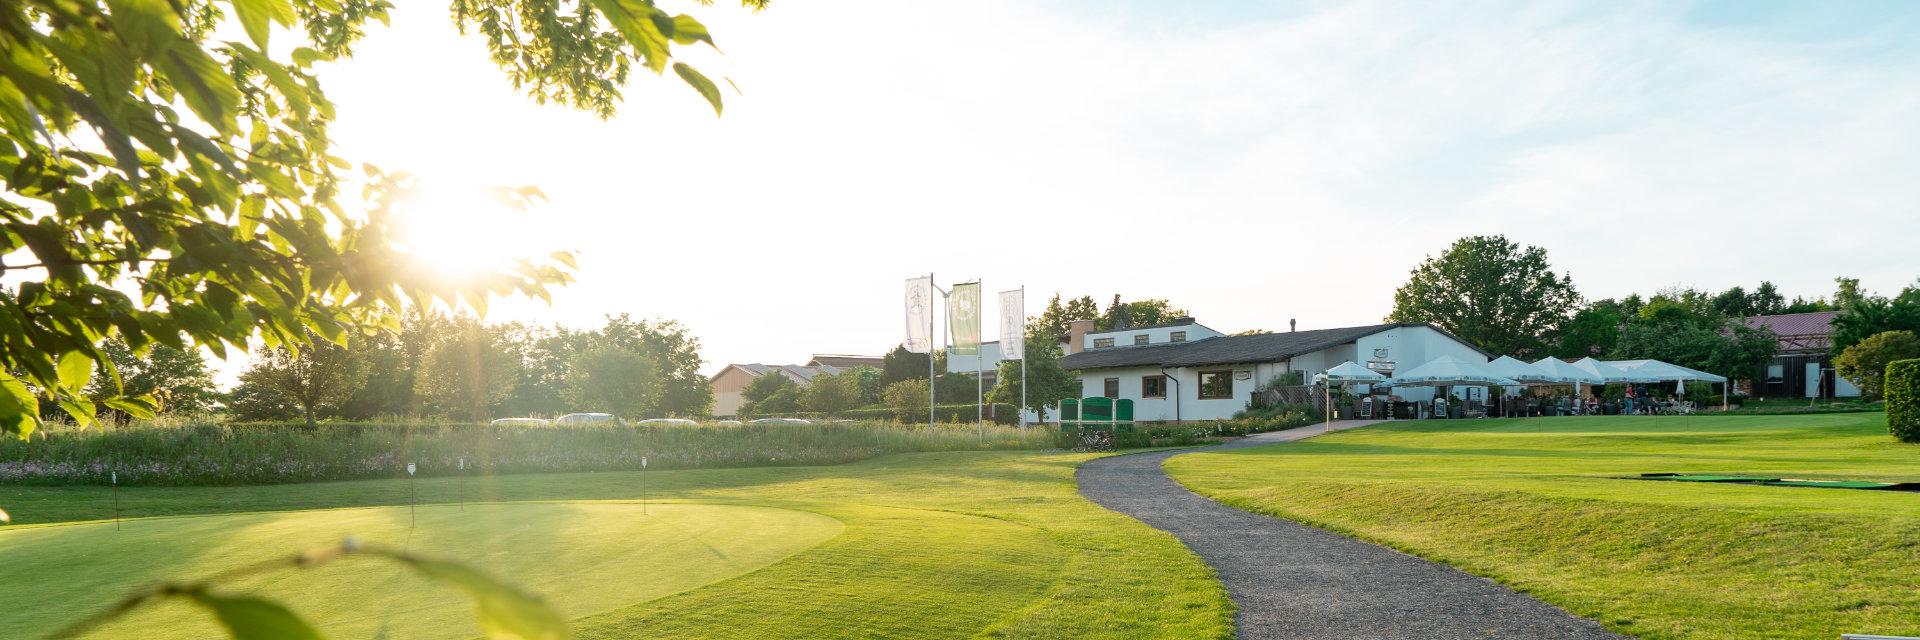 golfanlage_36Slider